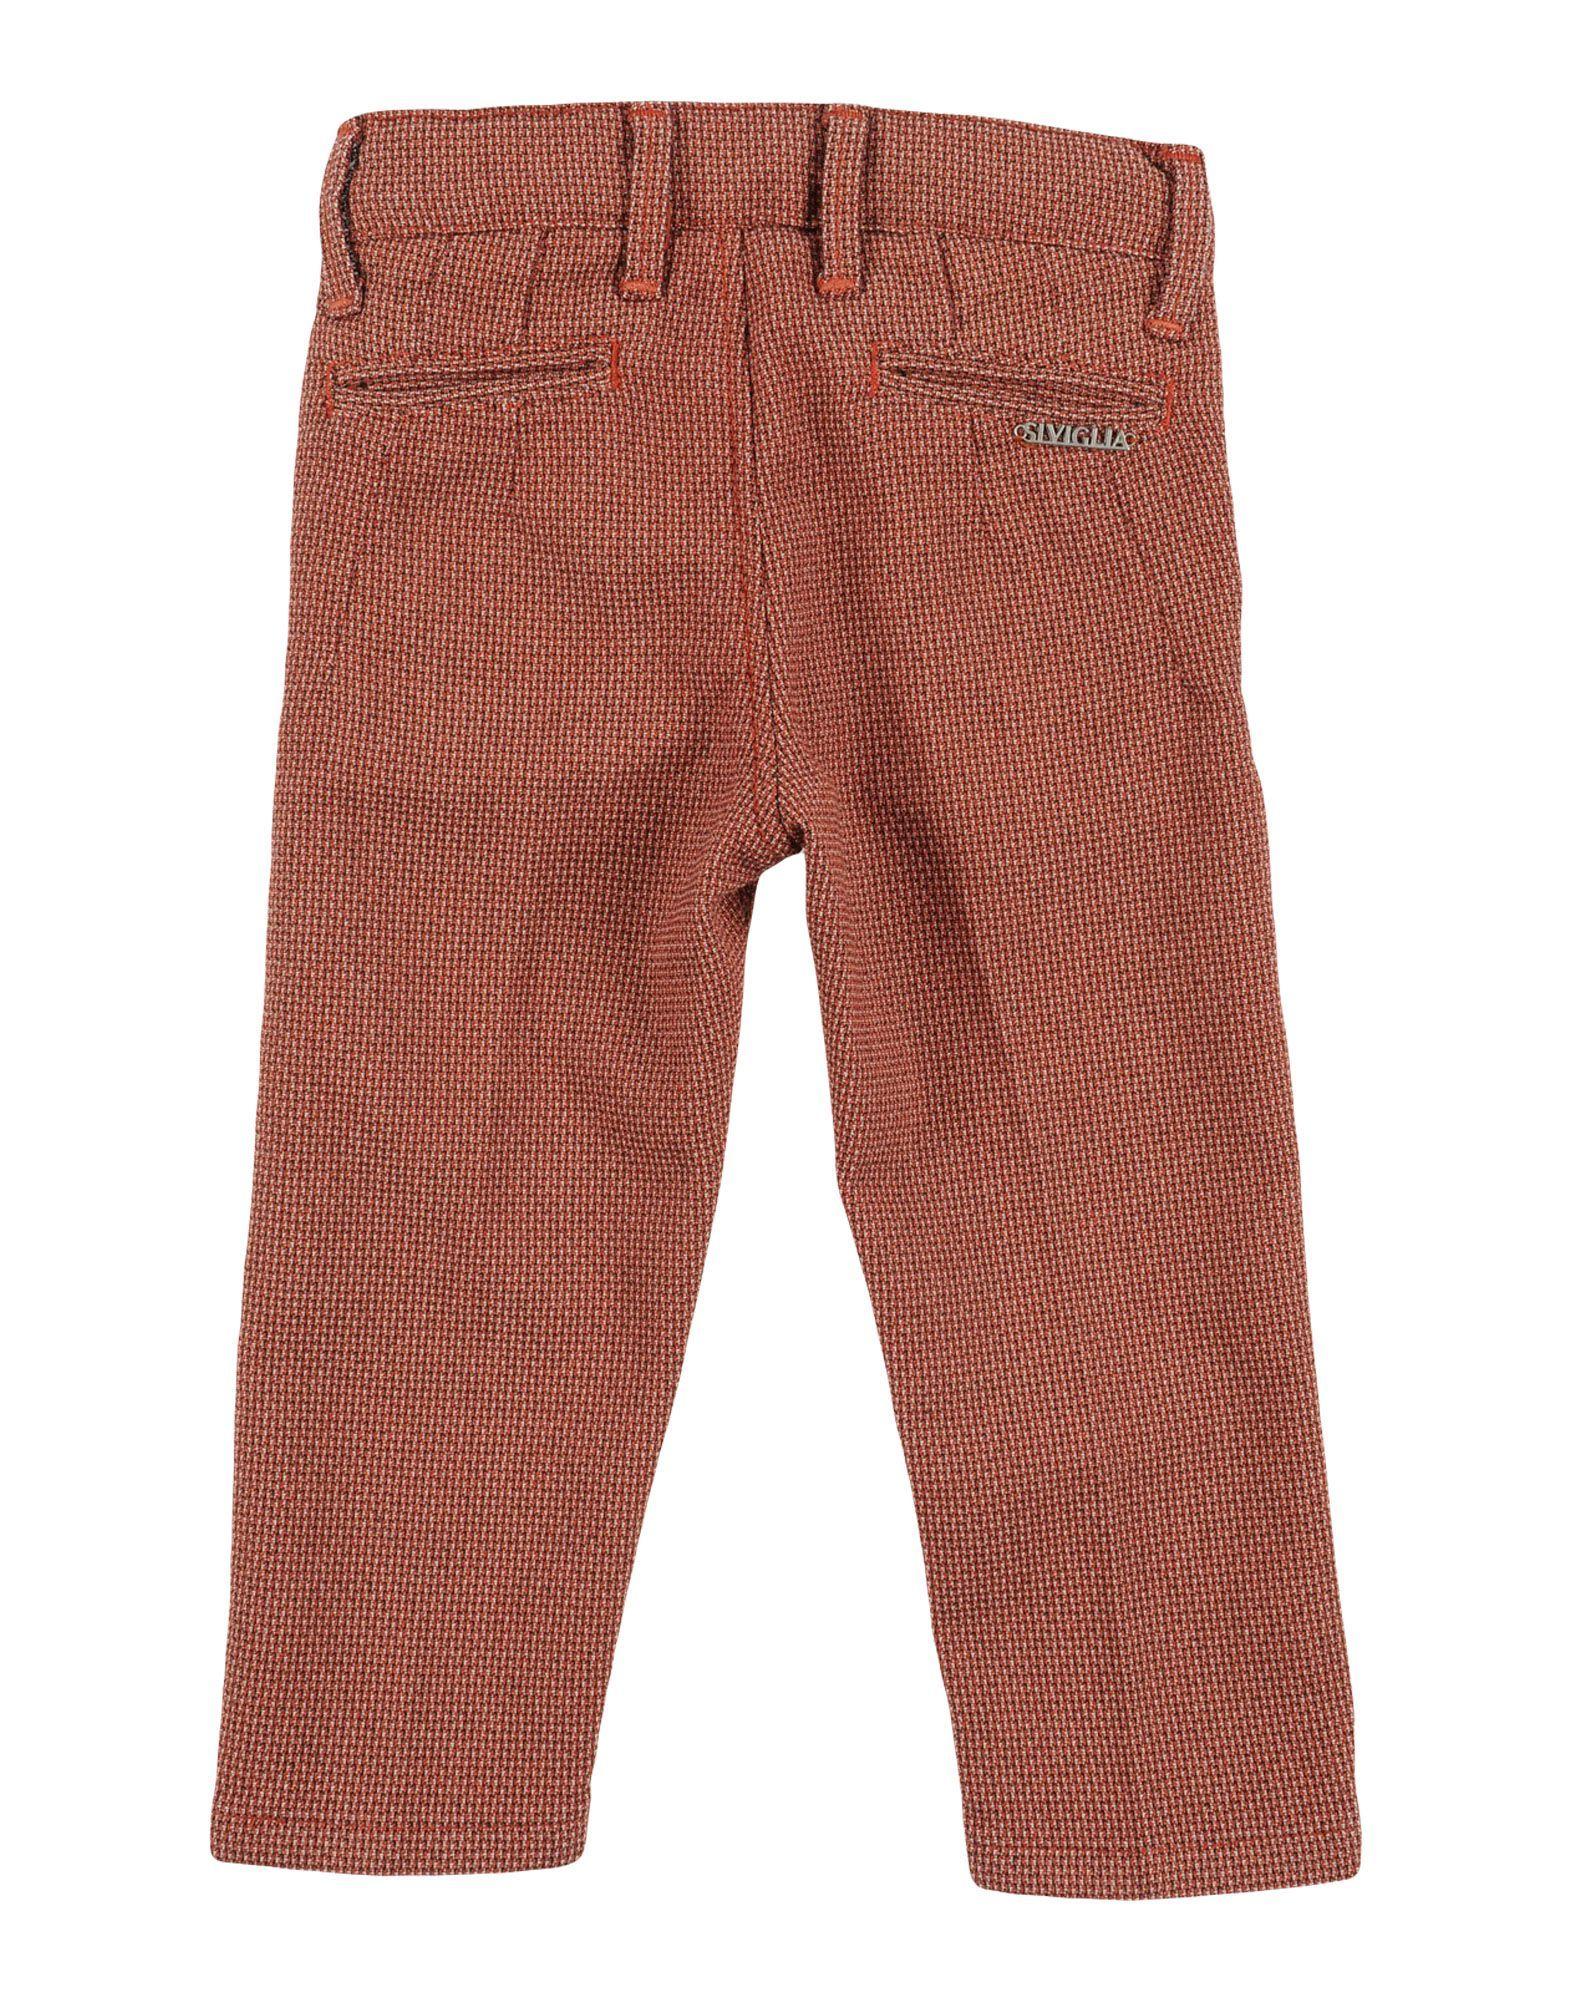 TROUSERS Siviglia Rust Boy Cotton